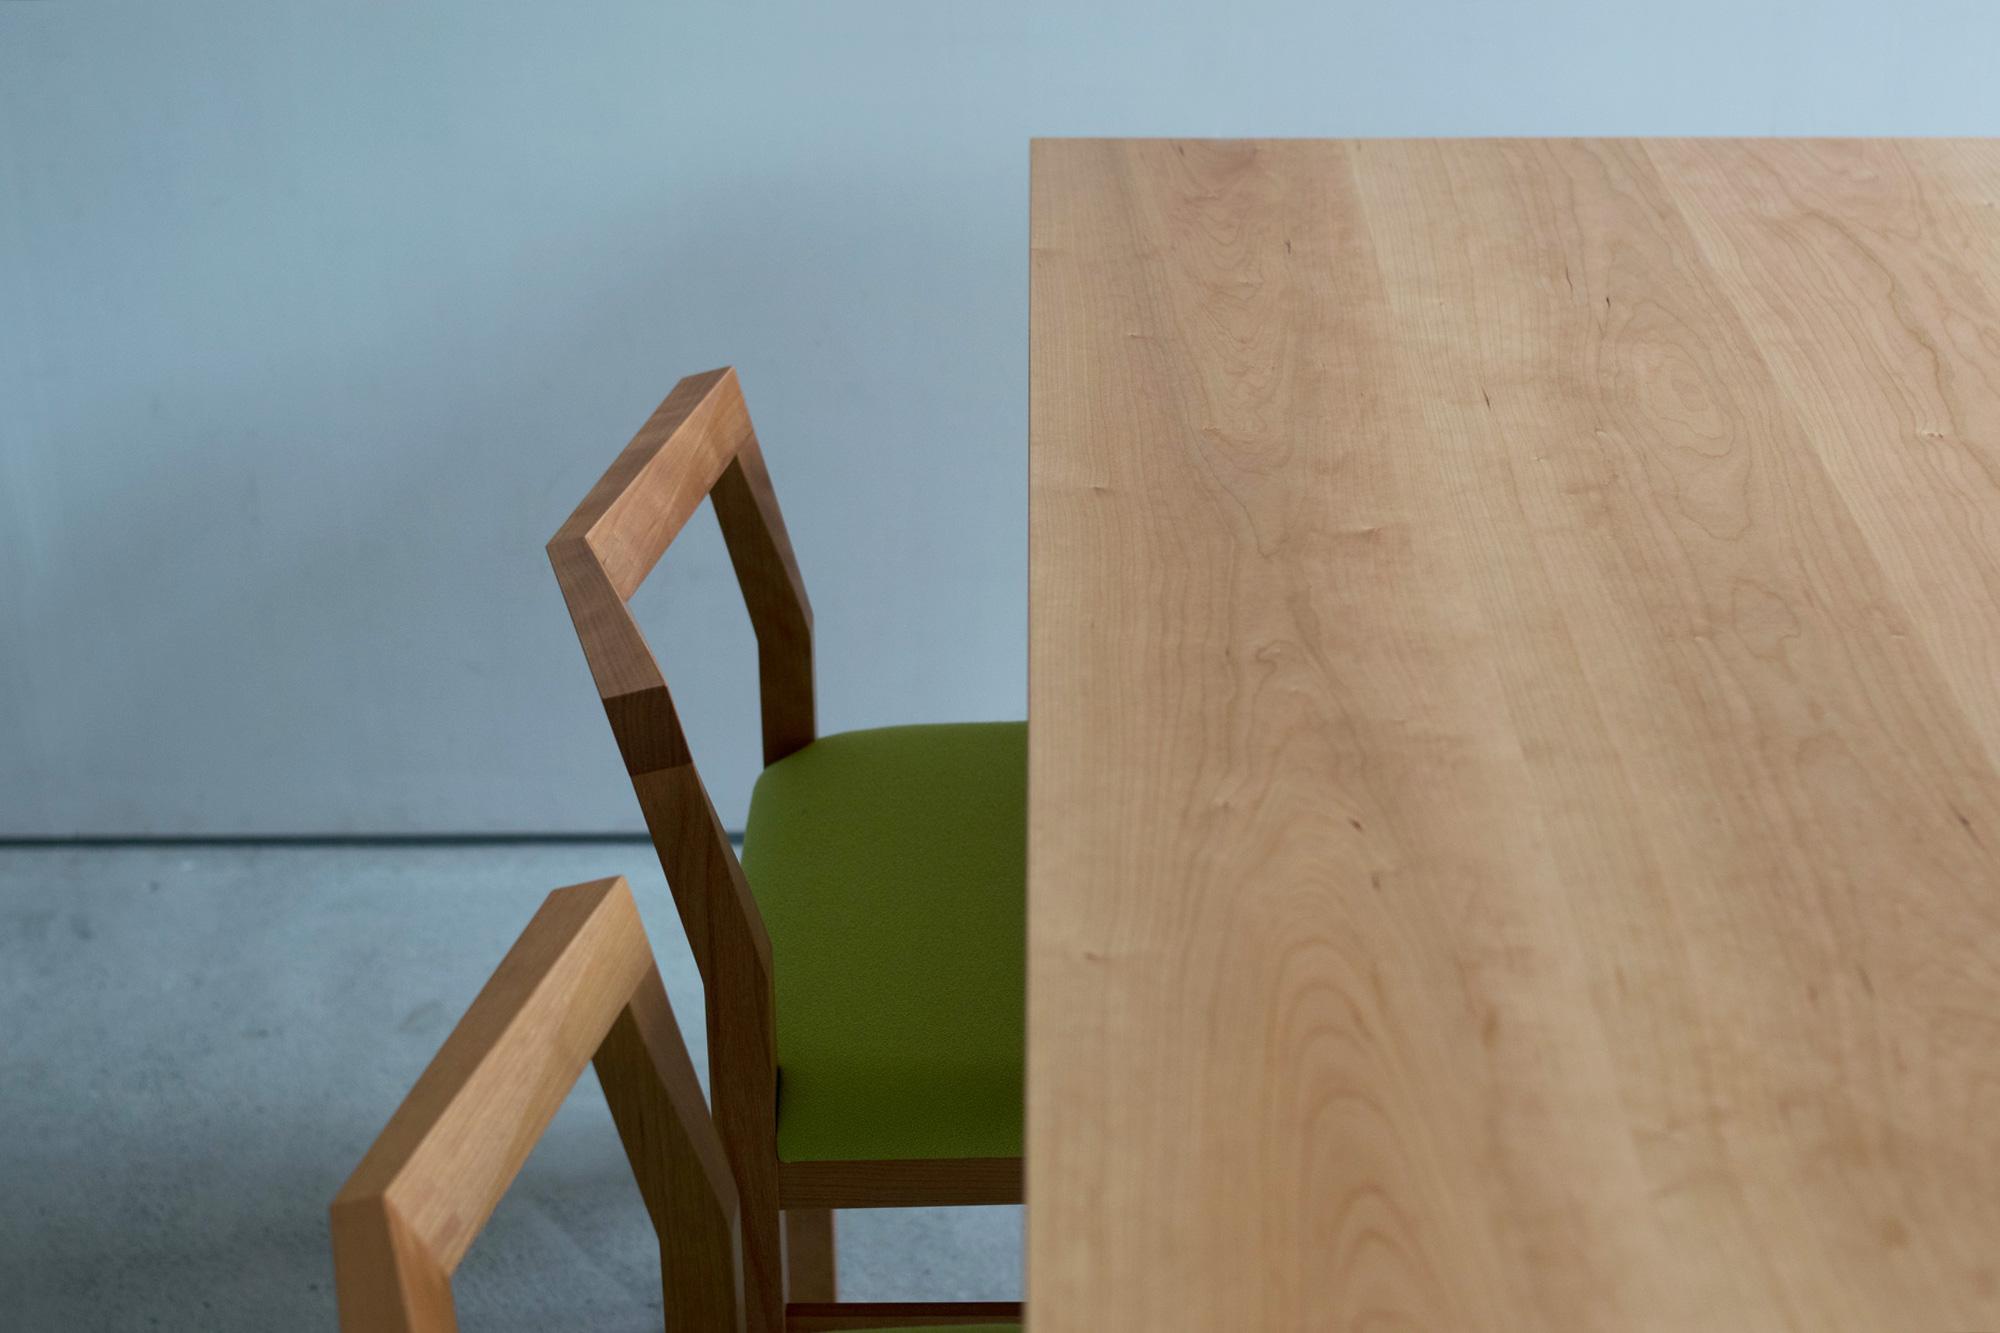 テーブルとピコチェア